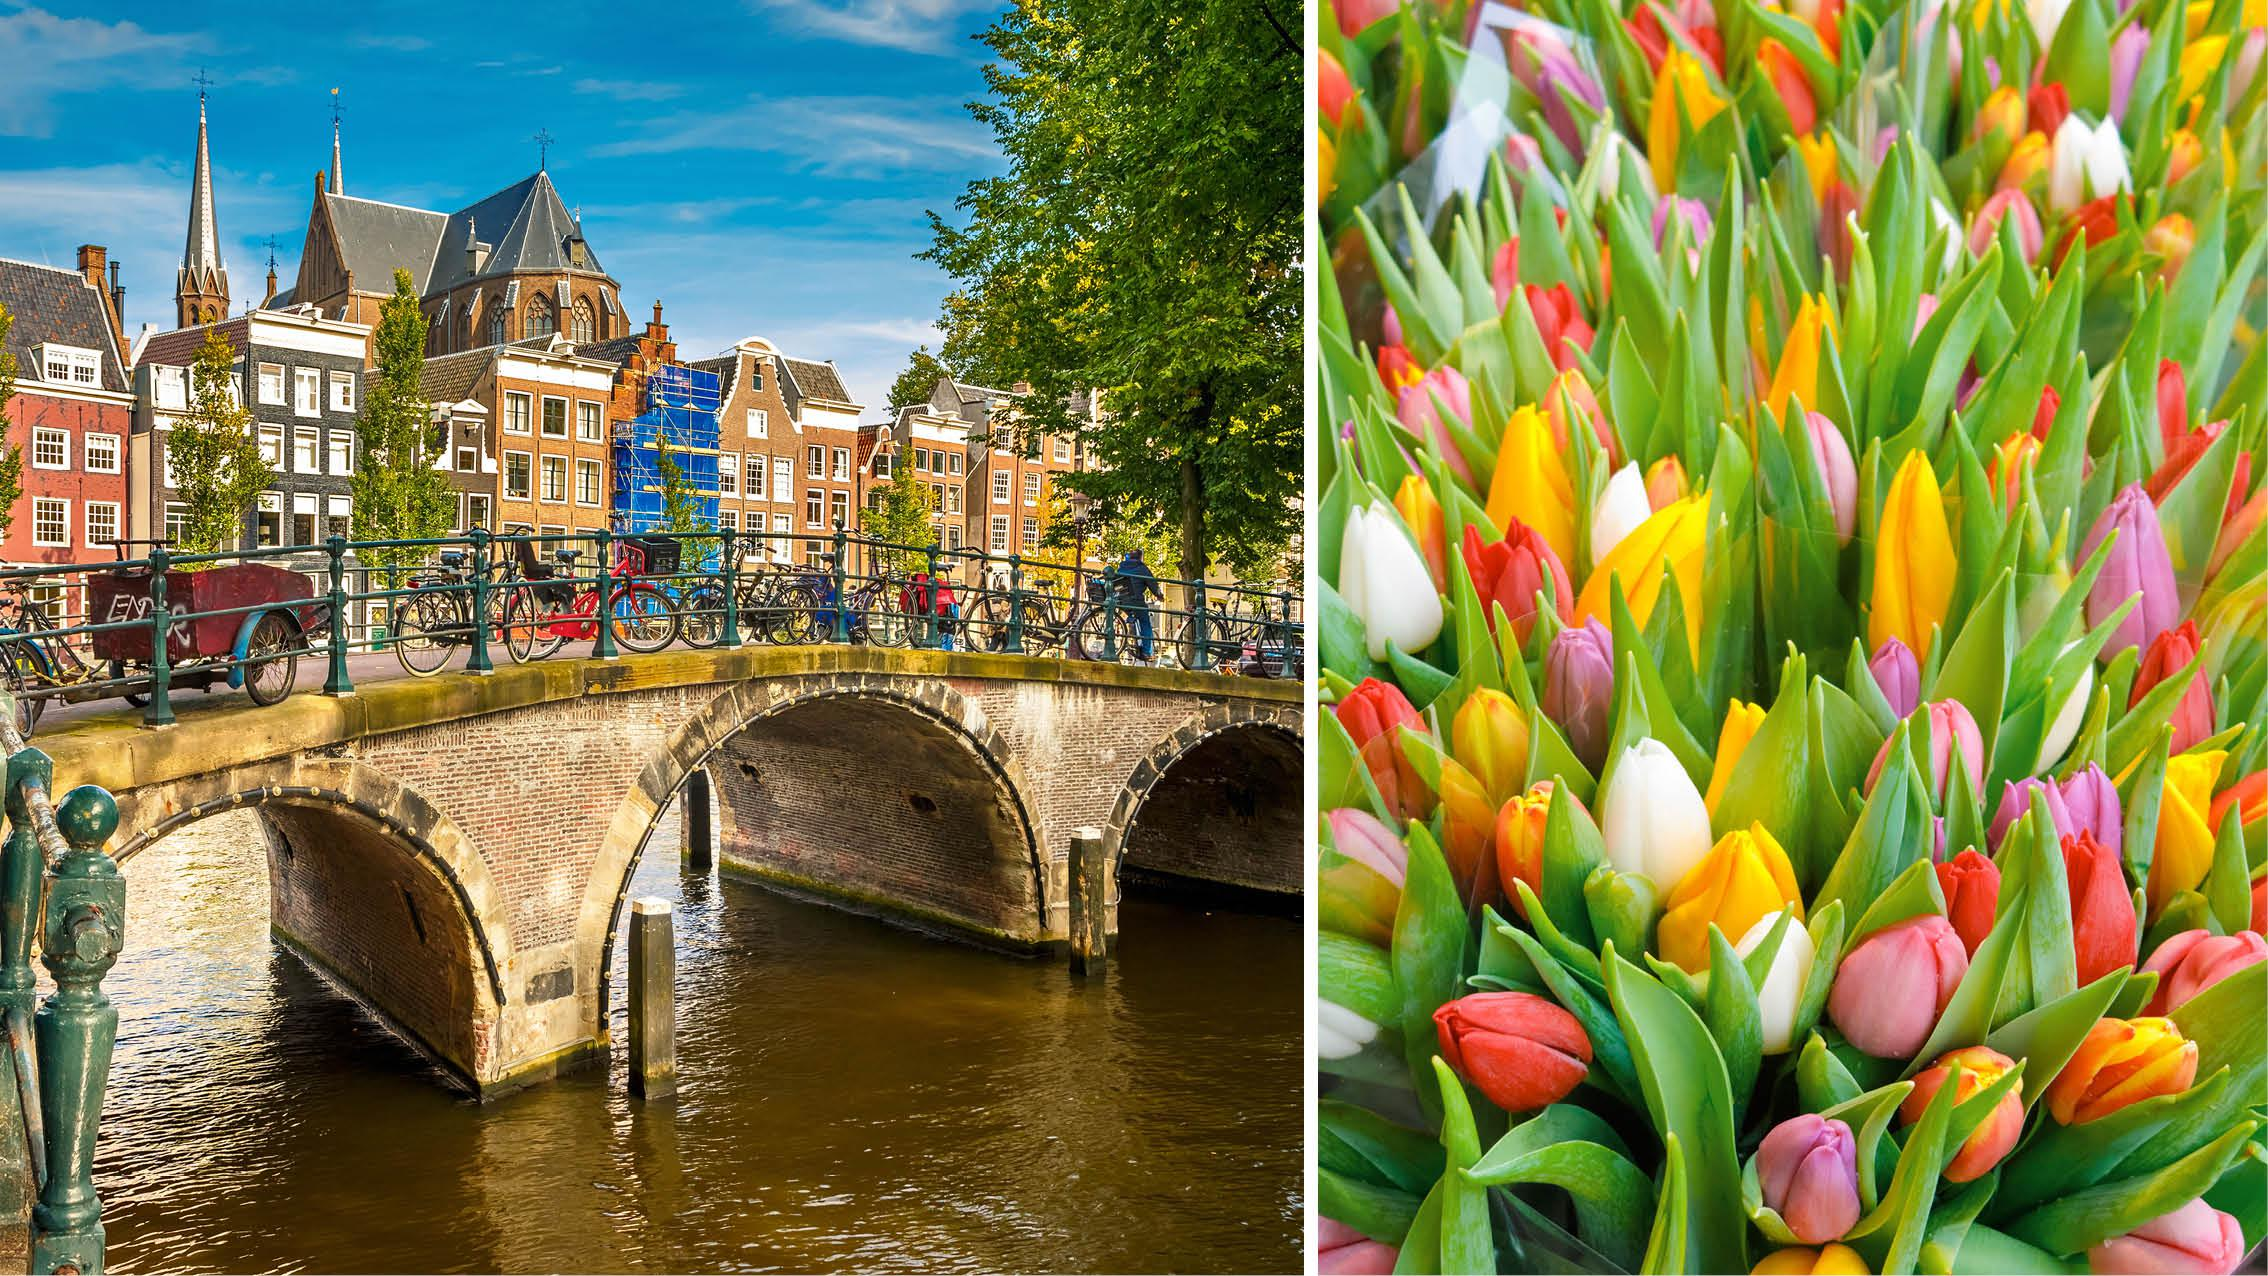 Amsterdam og tulipaner i fuld flor